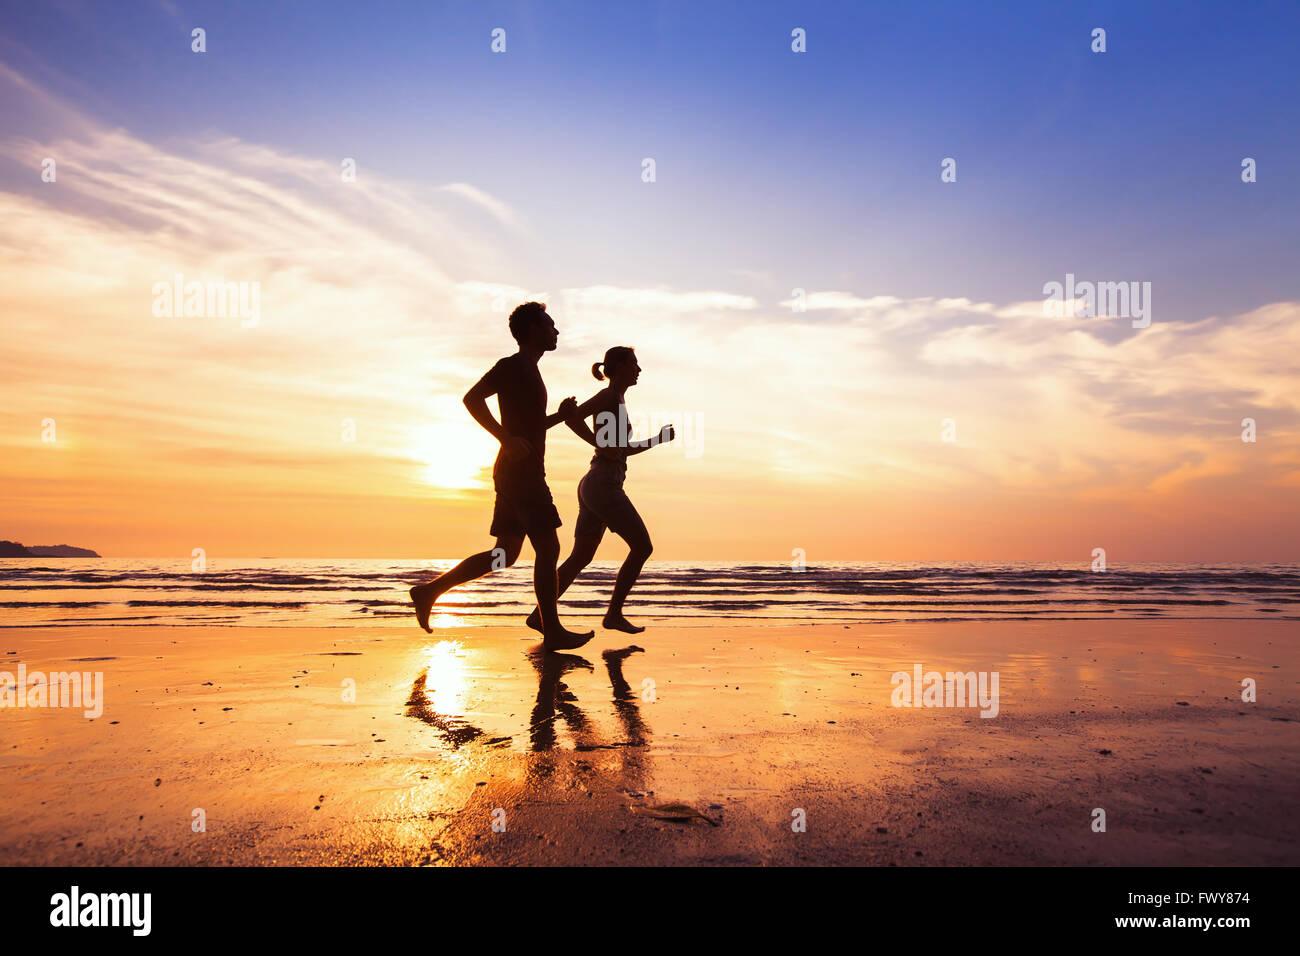 El deporte y la vida sana, dos personas trotando al atardecer en la playa Imagen De Stock